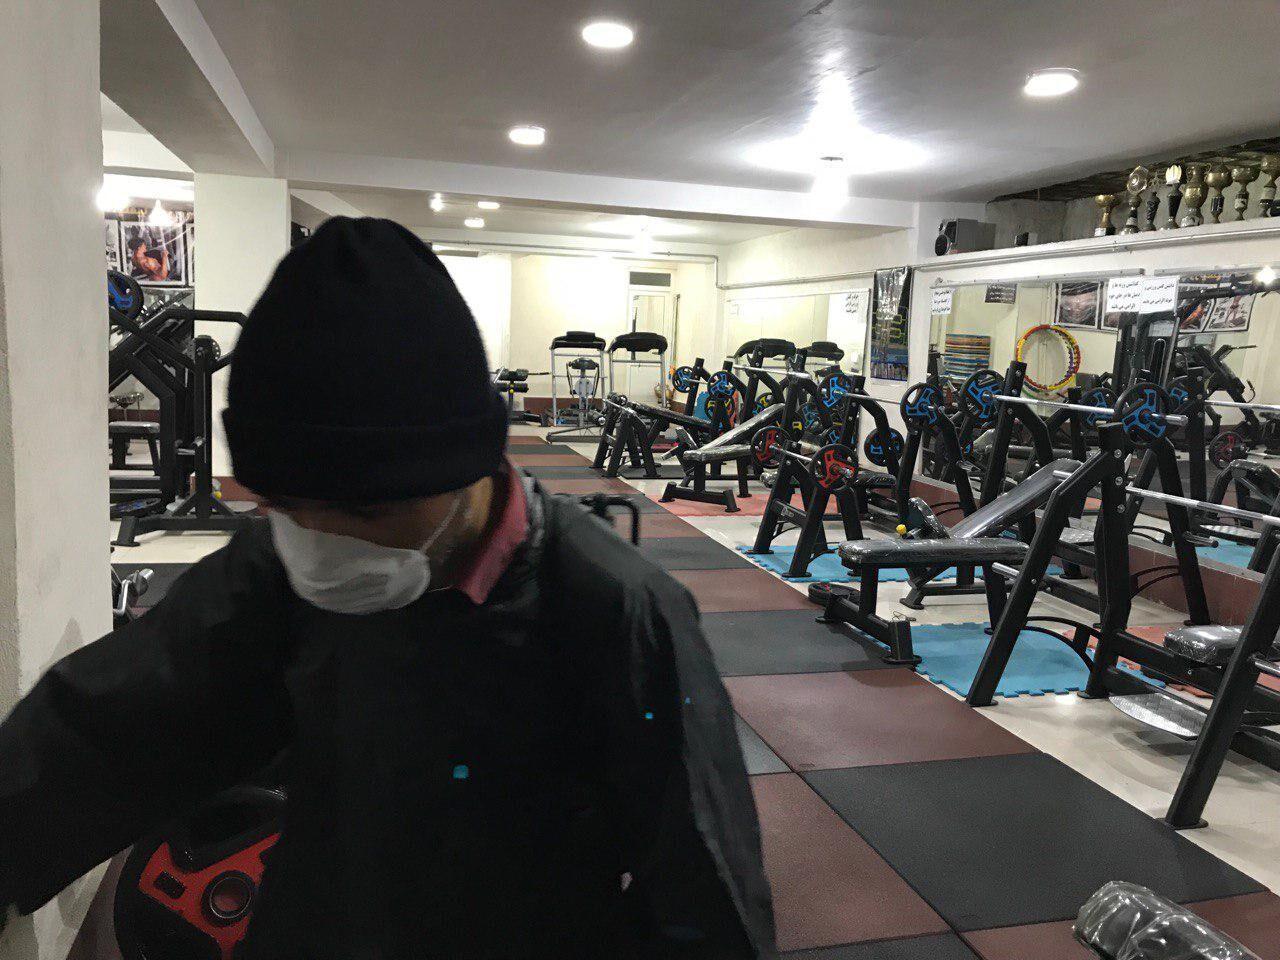 إيقاف جميع الأنشطة الرياضية في البلاد لفترة اسبوعين بسبب كورونا